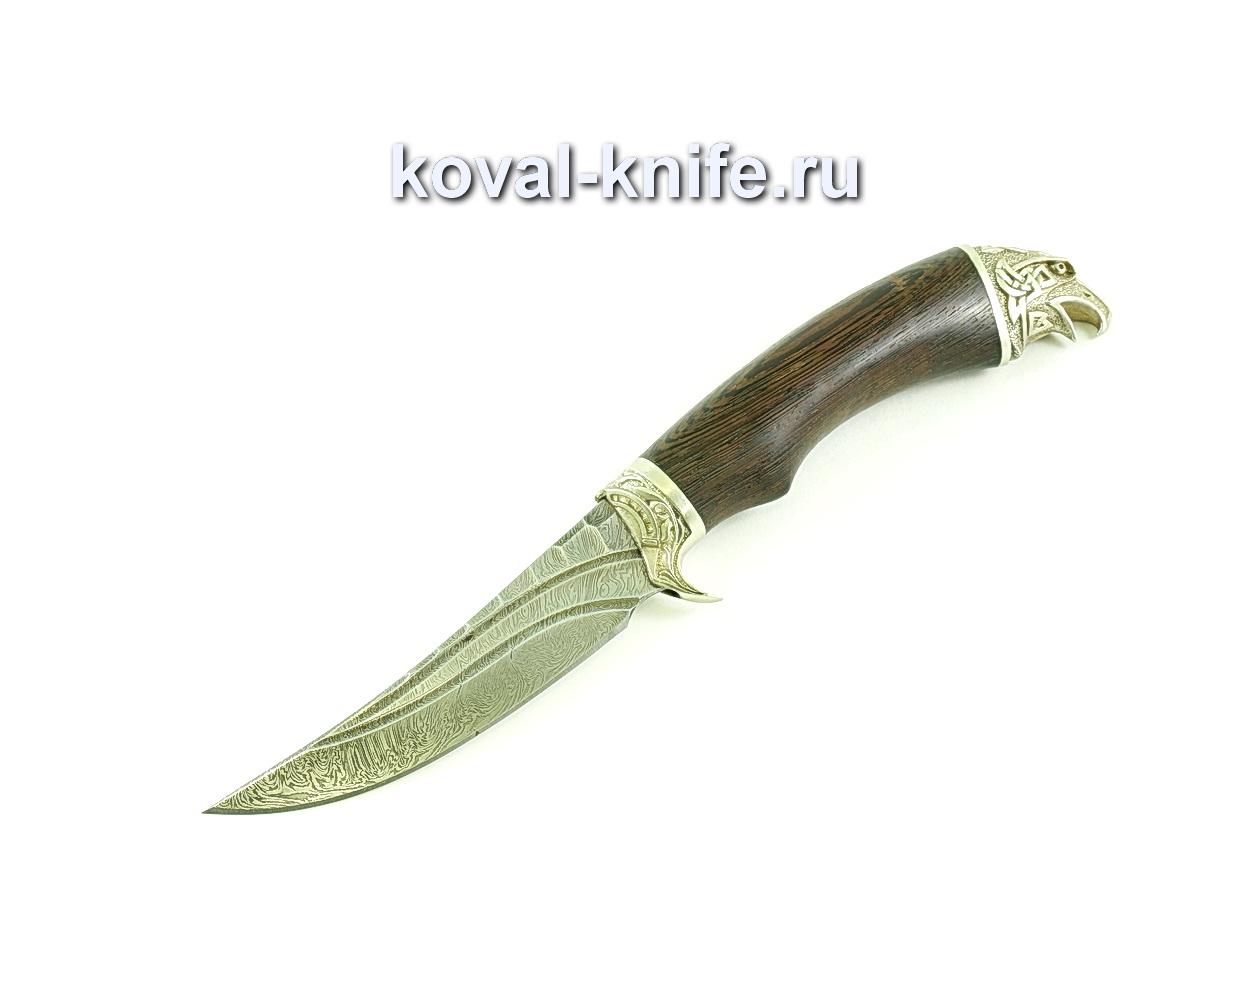 Нож Ворон (сталь дамасская), рукоять венге, литье A139